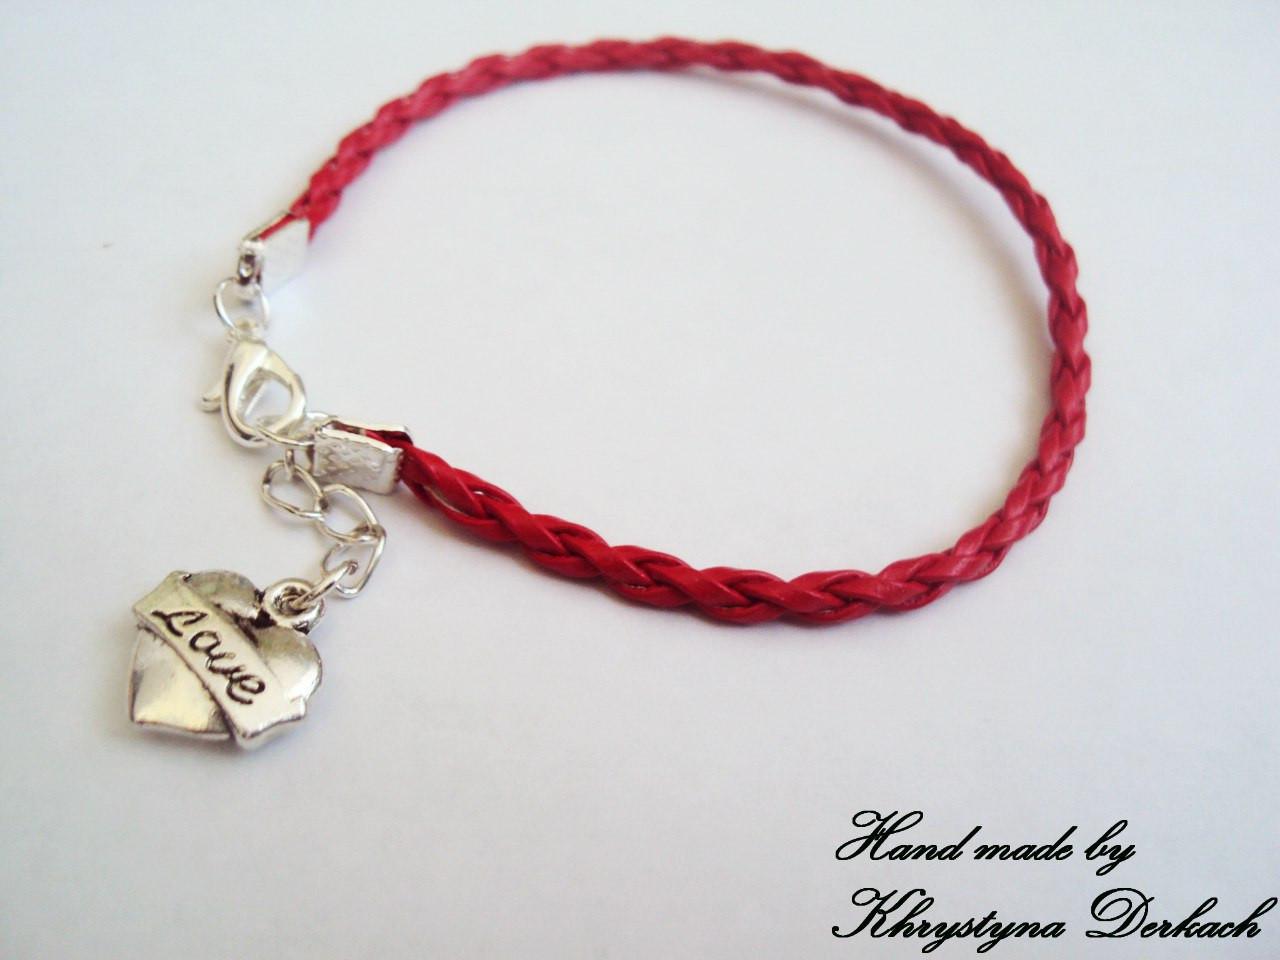 Браслет червона нитка серце love для закоханих різні кольори шнур мотузка оберіг